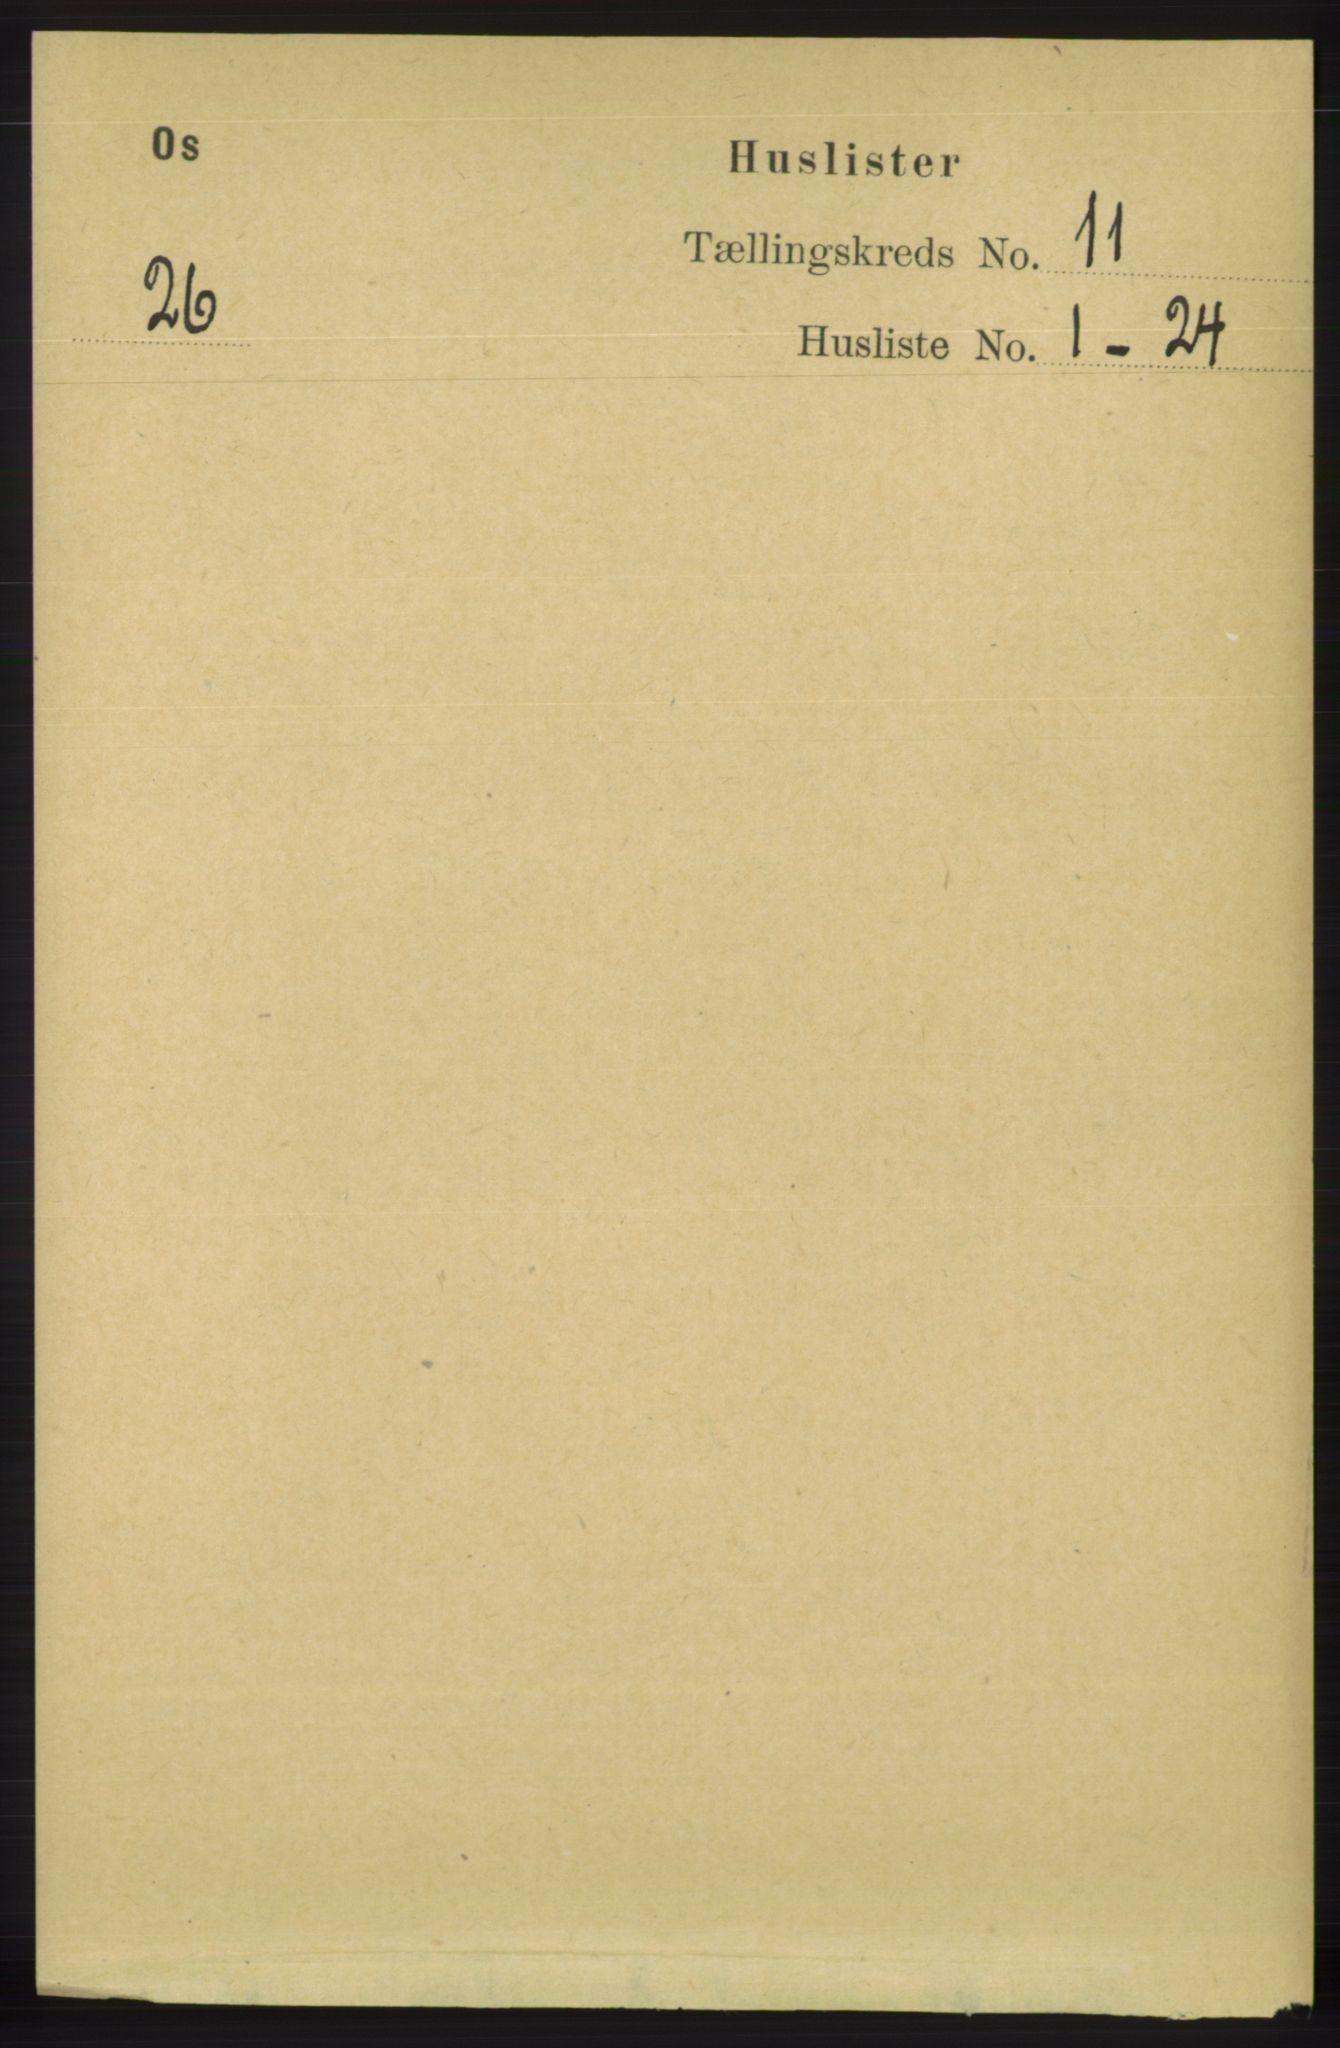 RA, Folketelling 1891 for 1243 Os herred, 1891, s. 2546